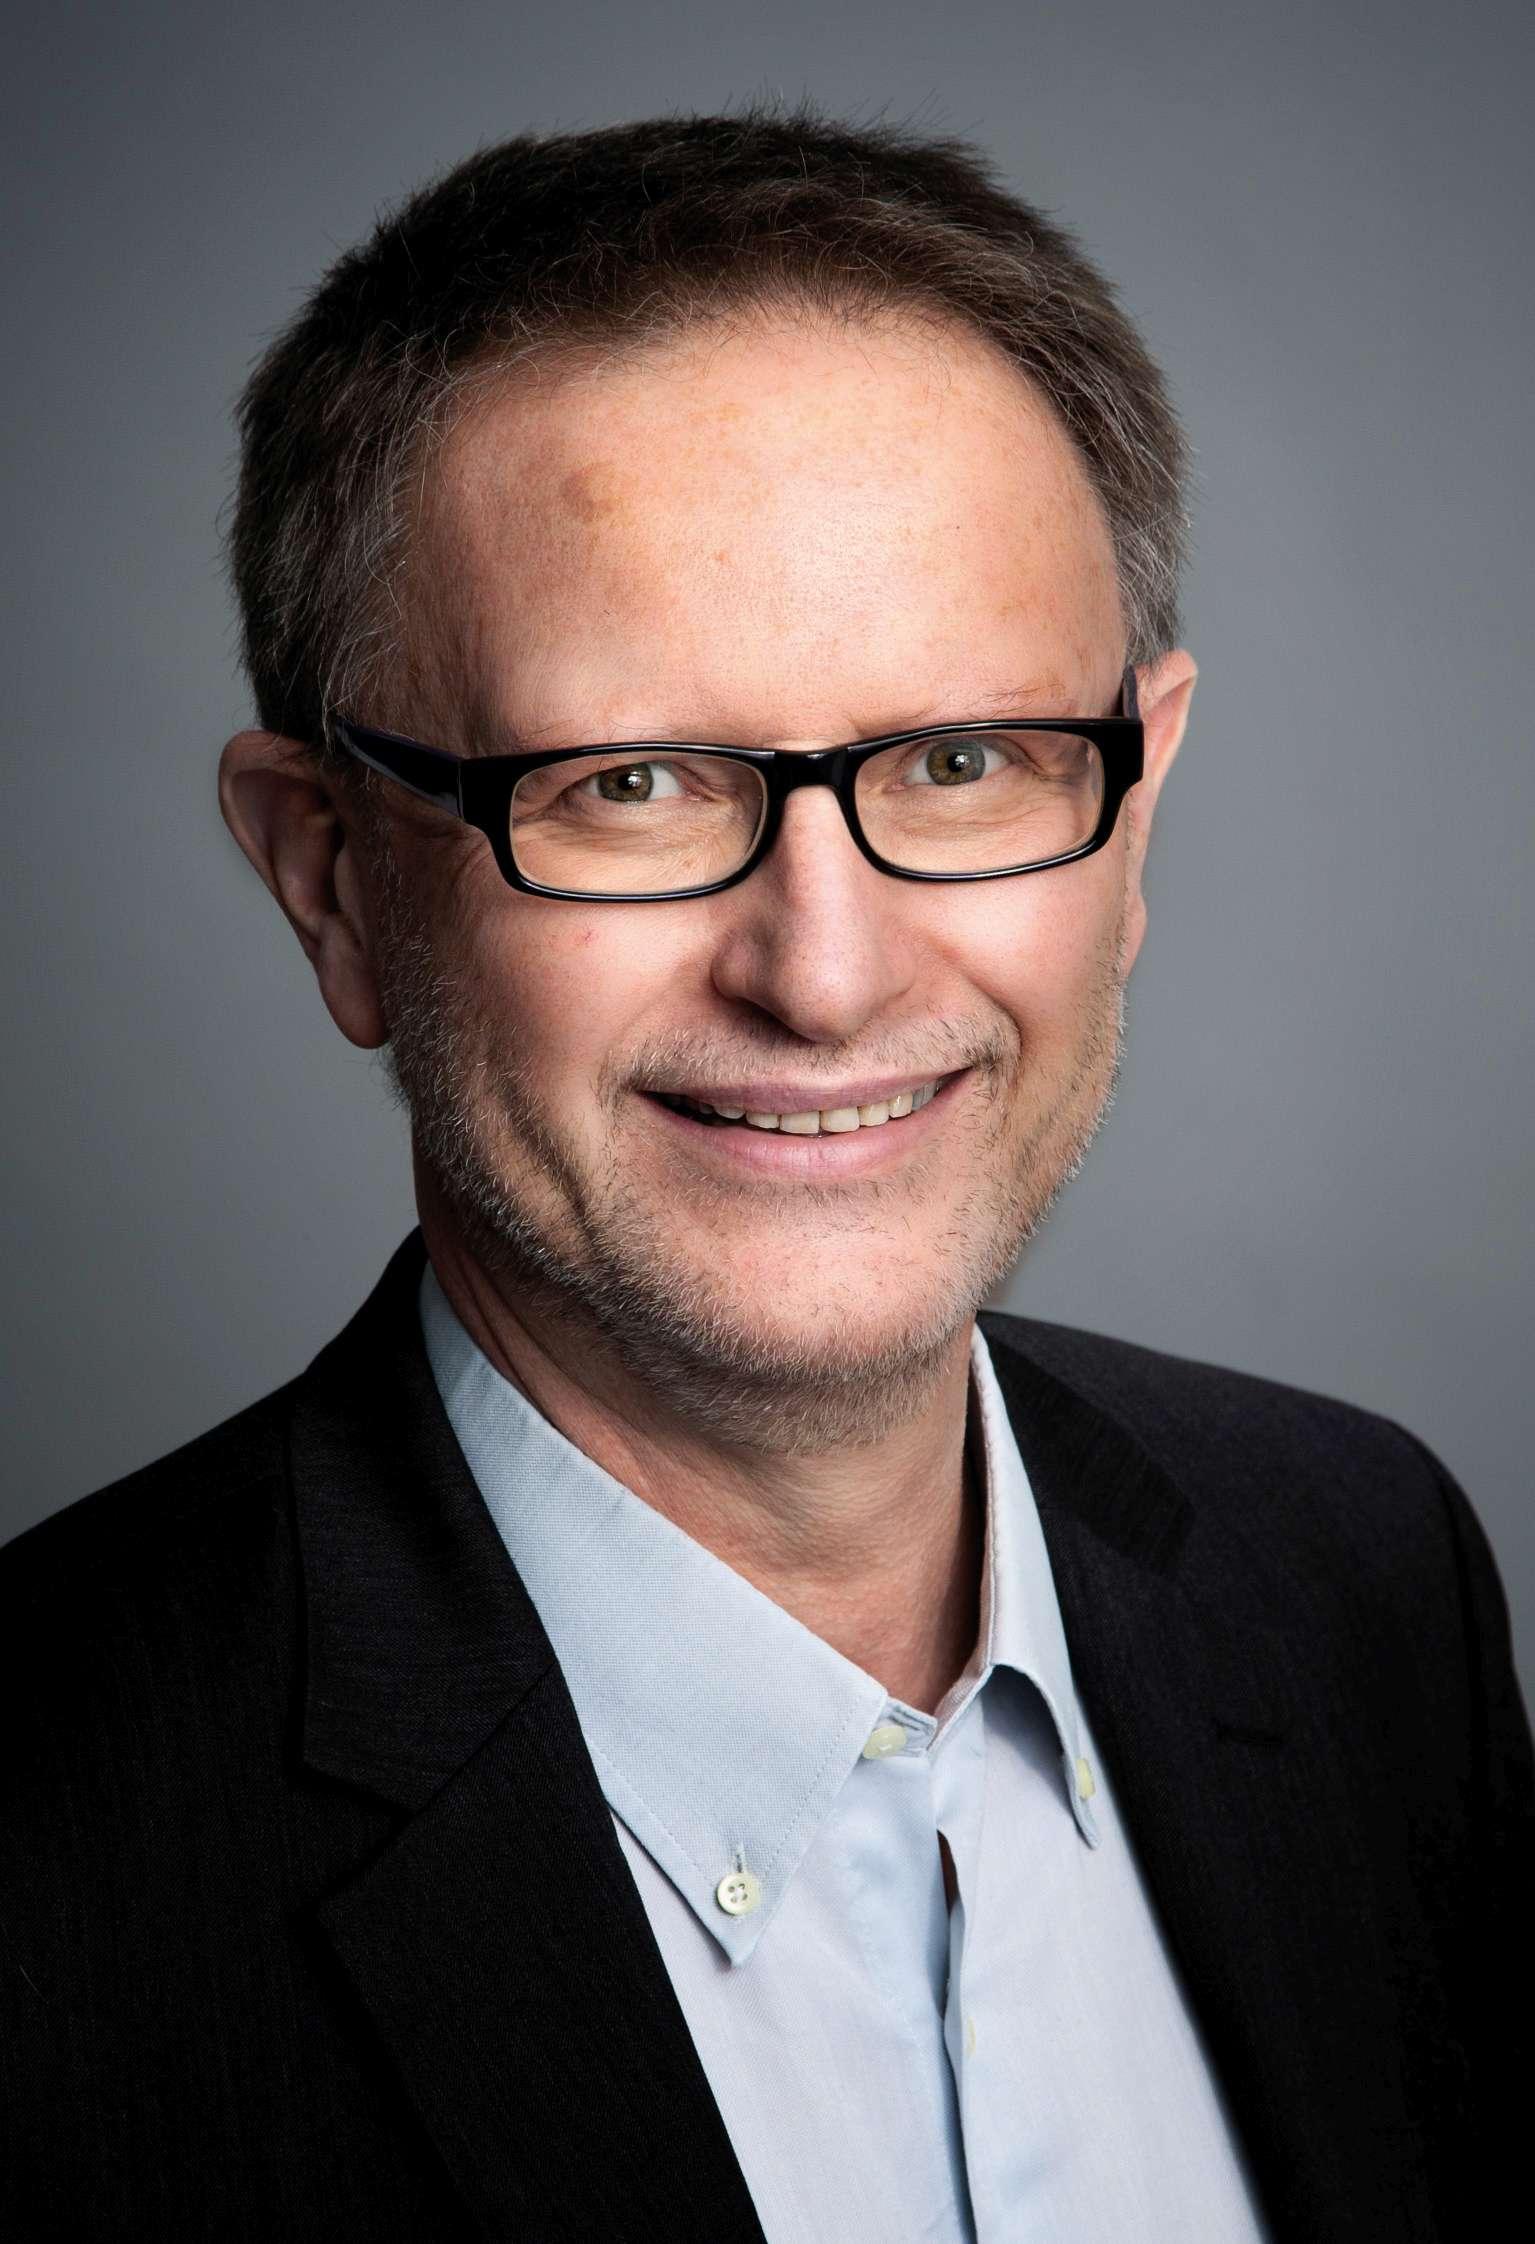 Ein Porträtfoto von Günter Klug